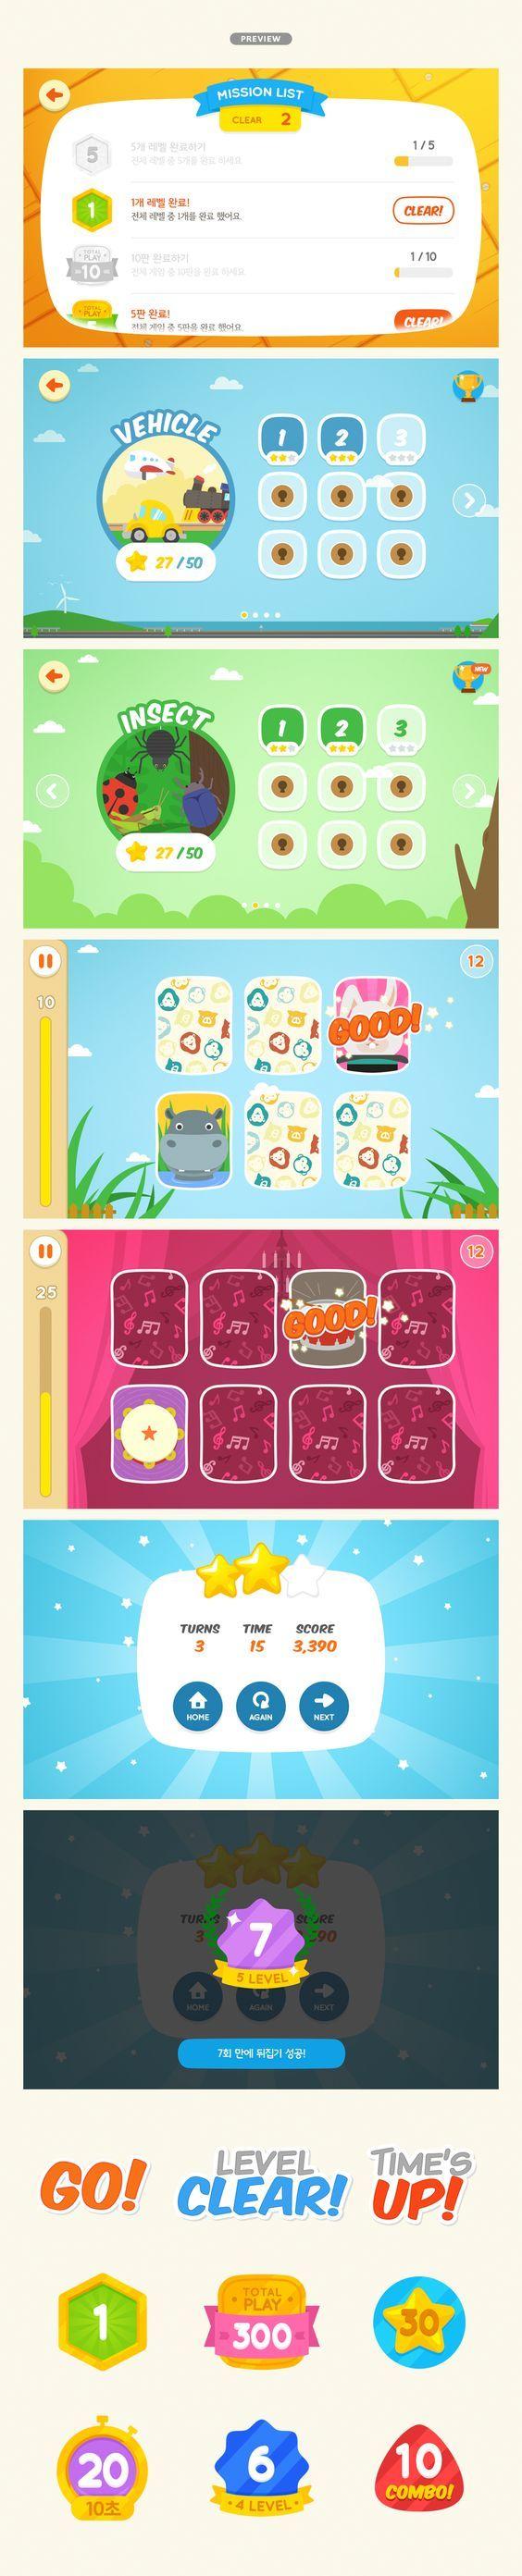 Tap Tap Memory App.   그림이 그려진 카드의 짝을 맞추는 기억력 향상 두뇌 게임. 동물, 곤충, 음식, 악기, 탈 것 등 5가지 카테고리와  짝맞추기, 뒤집기, 카드 탑등 여러가지 유형을 통해 즐거운 매칭 게임을 하며, 어린이의 집중력과 기억력을 향상시킬 수 있다.: